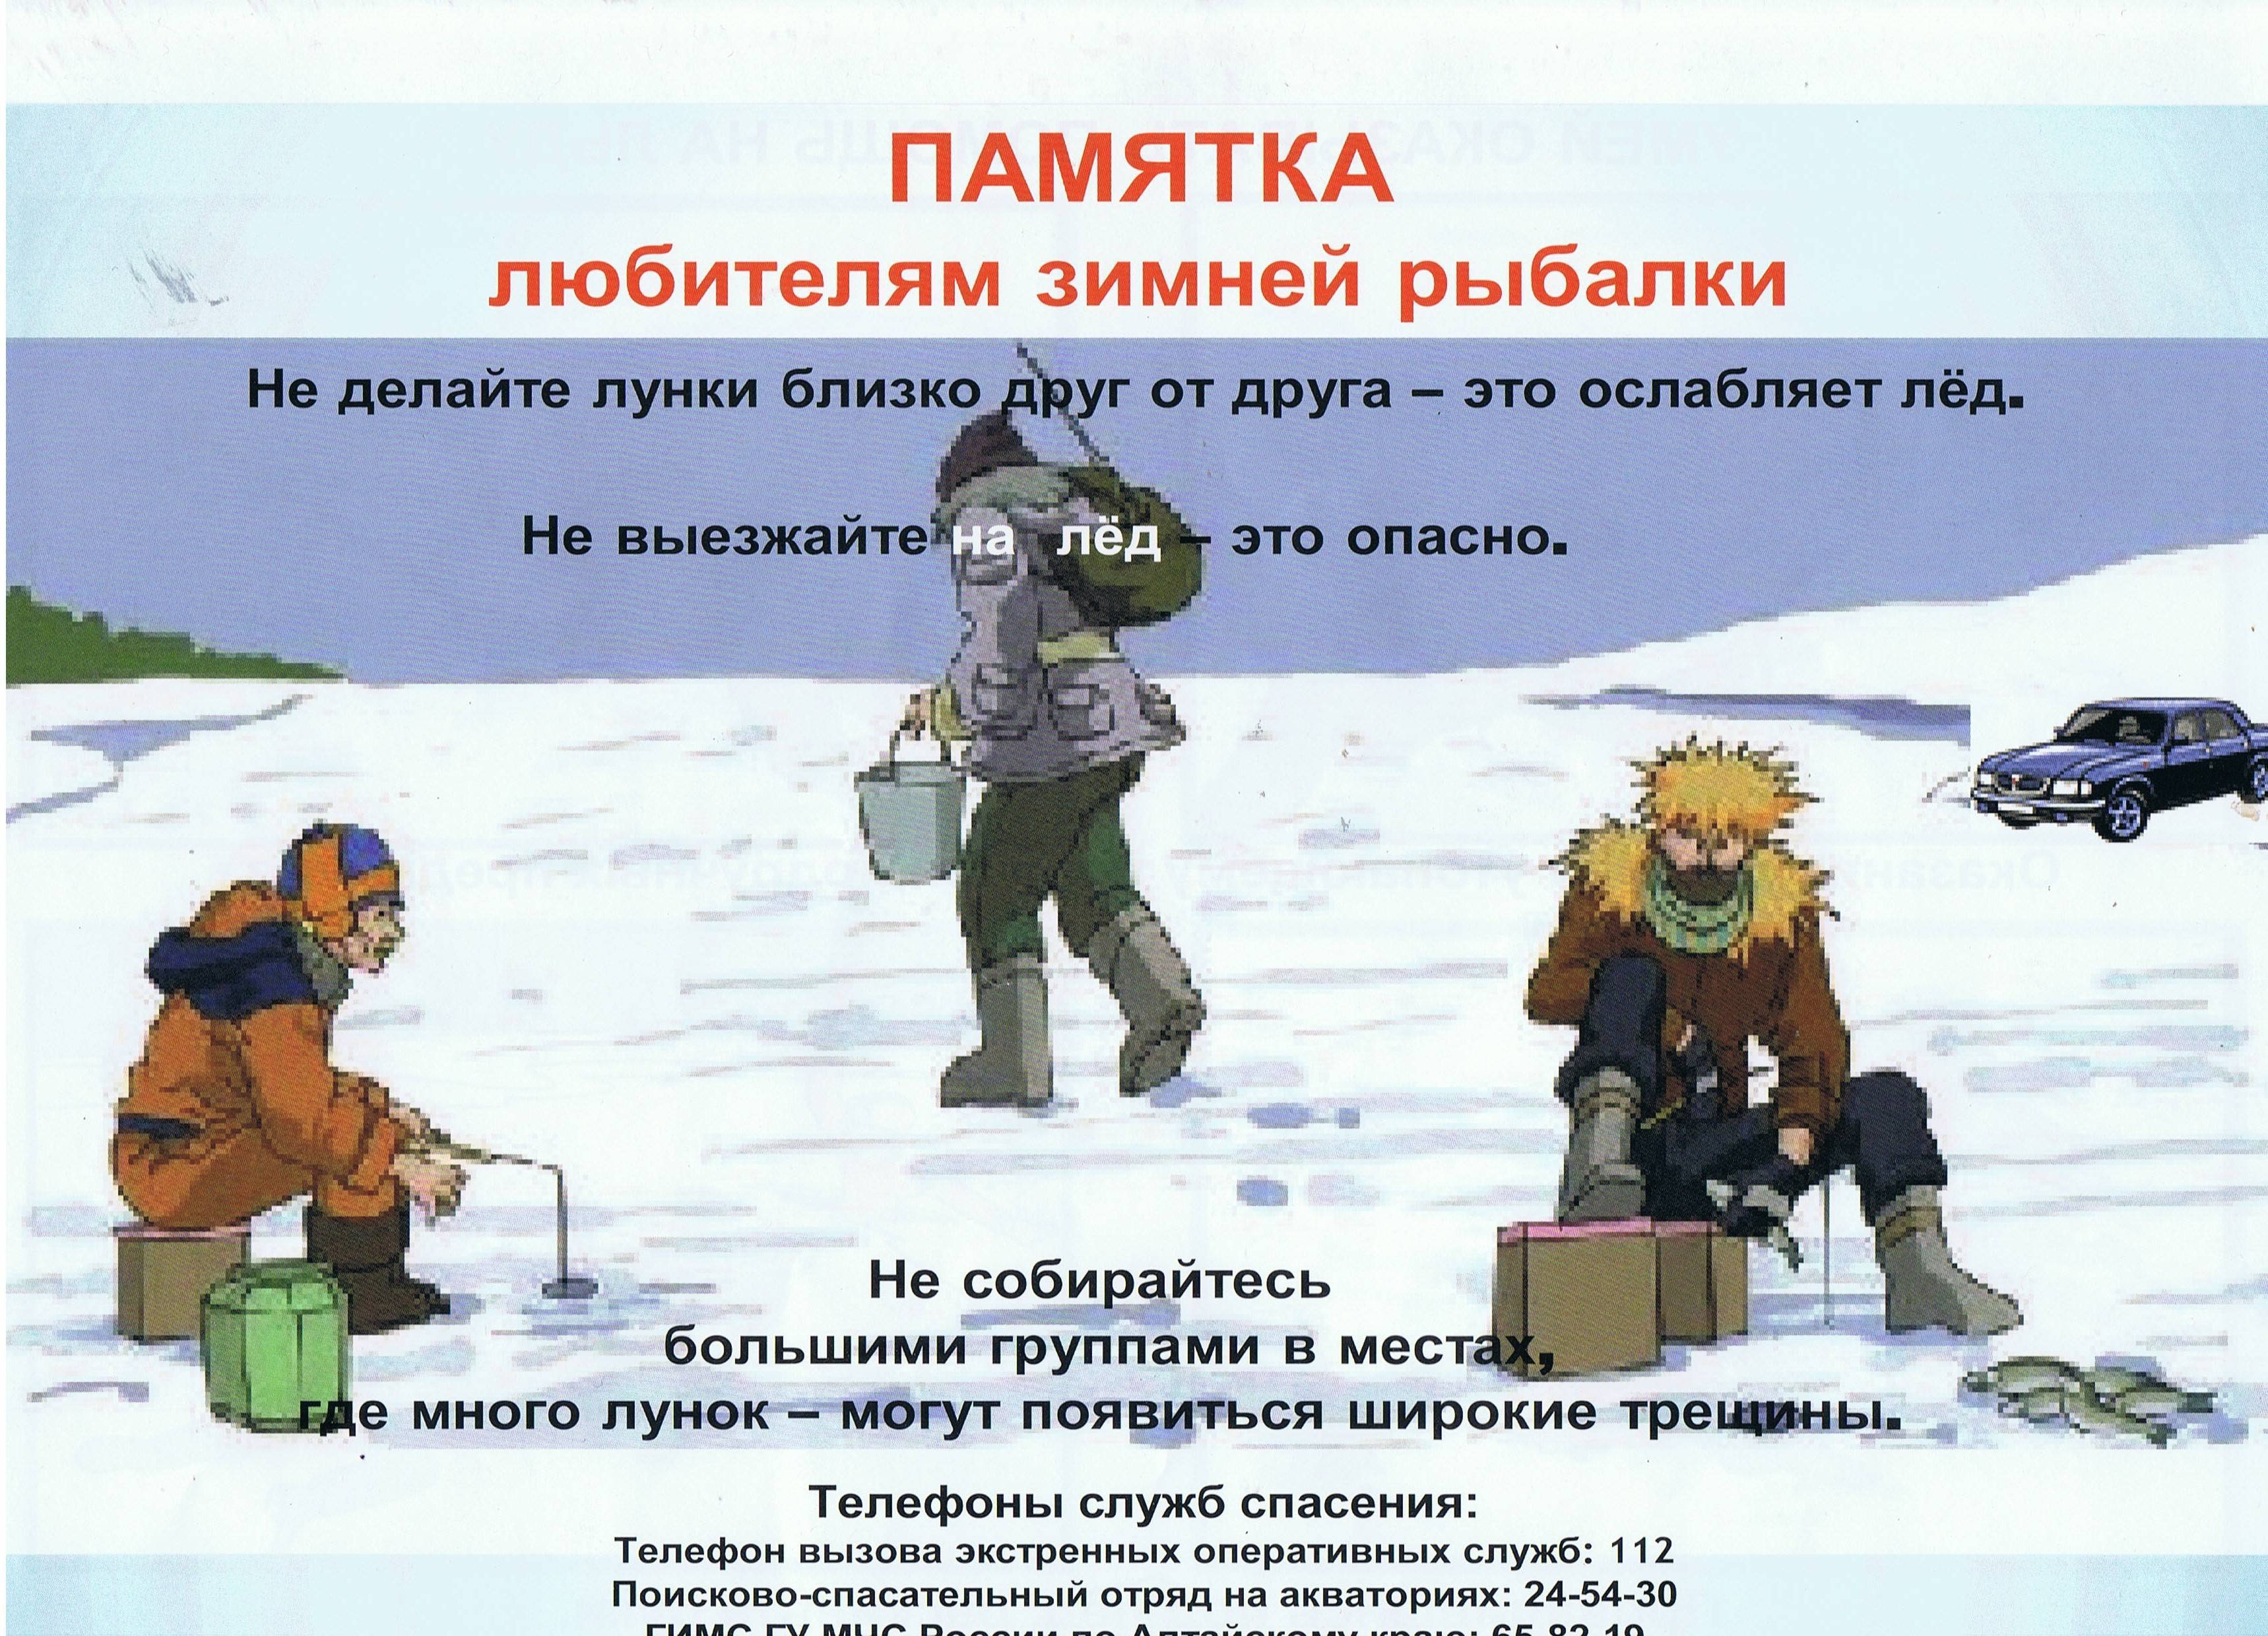 Зимний подледный лов для начинающих: cоветы начинающему зимнику - читайте на сatcher.fish